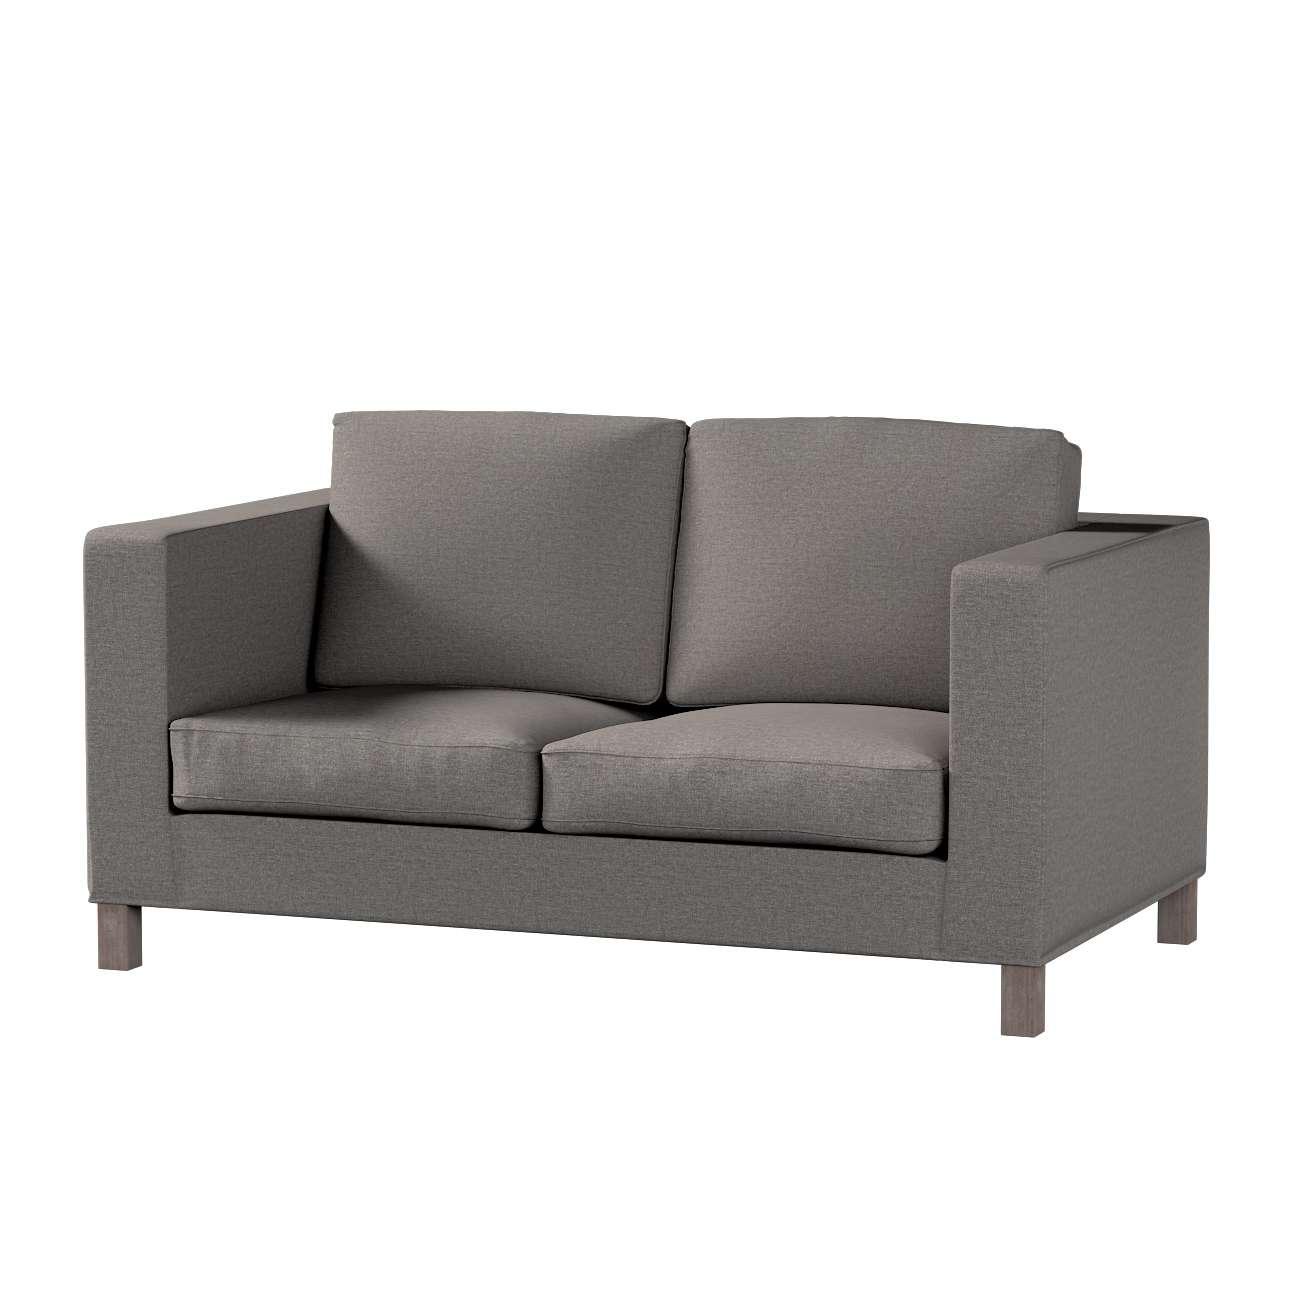 KARLANDA dvivietės sofos užvalkalas KARLANDA dvivietės sofos užvalkalas kolekcijoje Edinburgh , audinys: 115-77